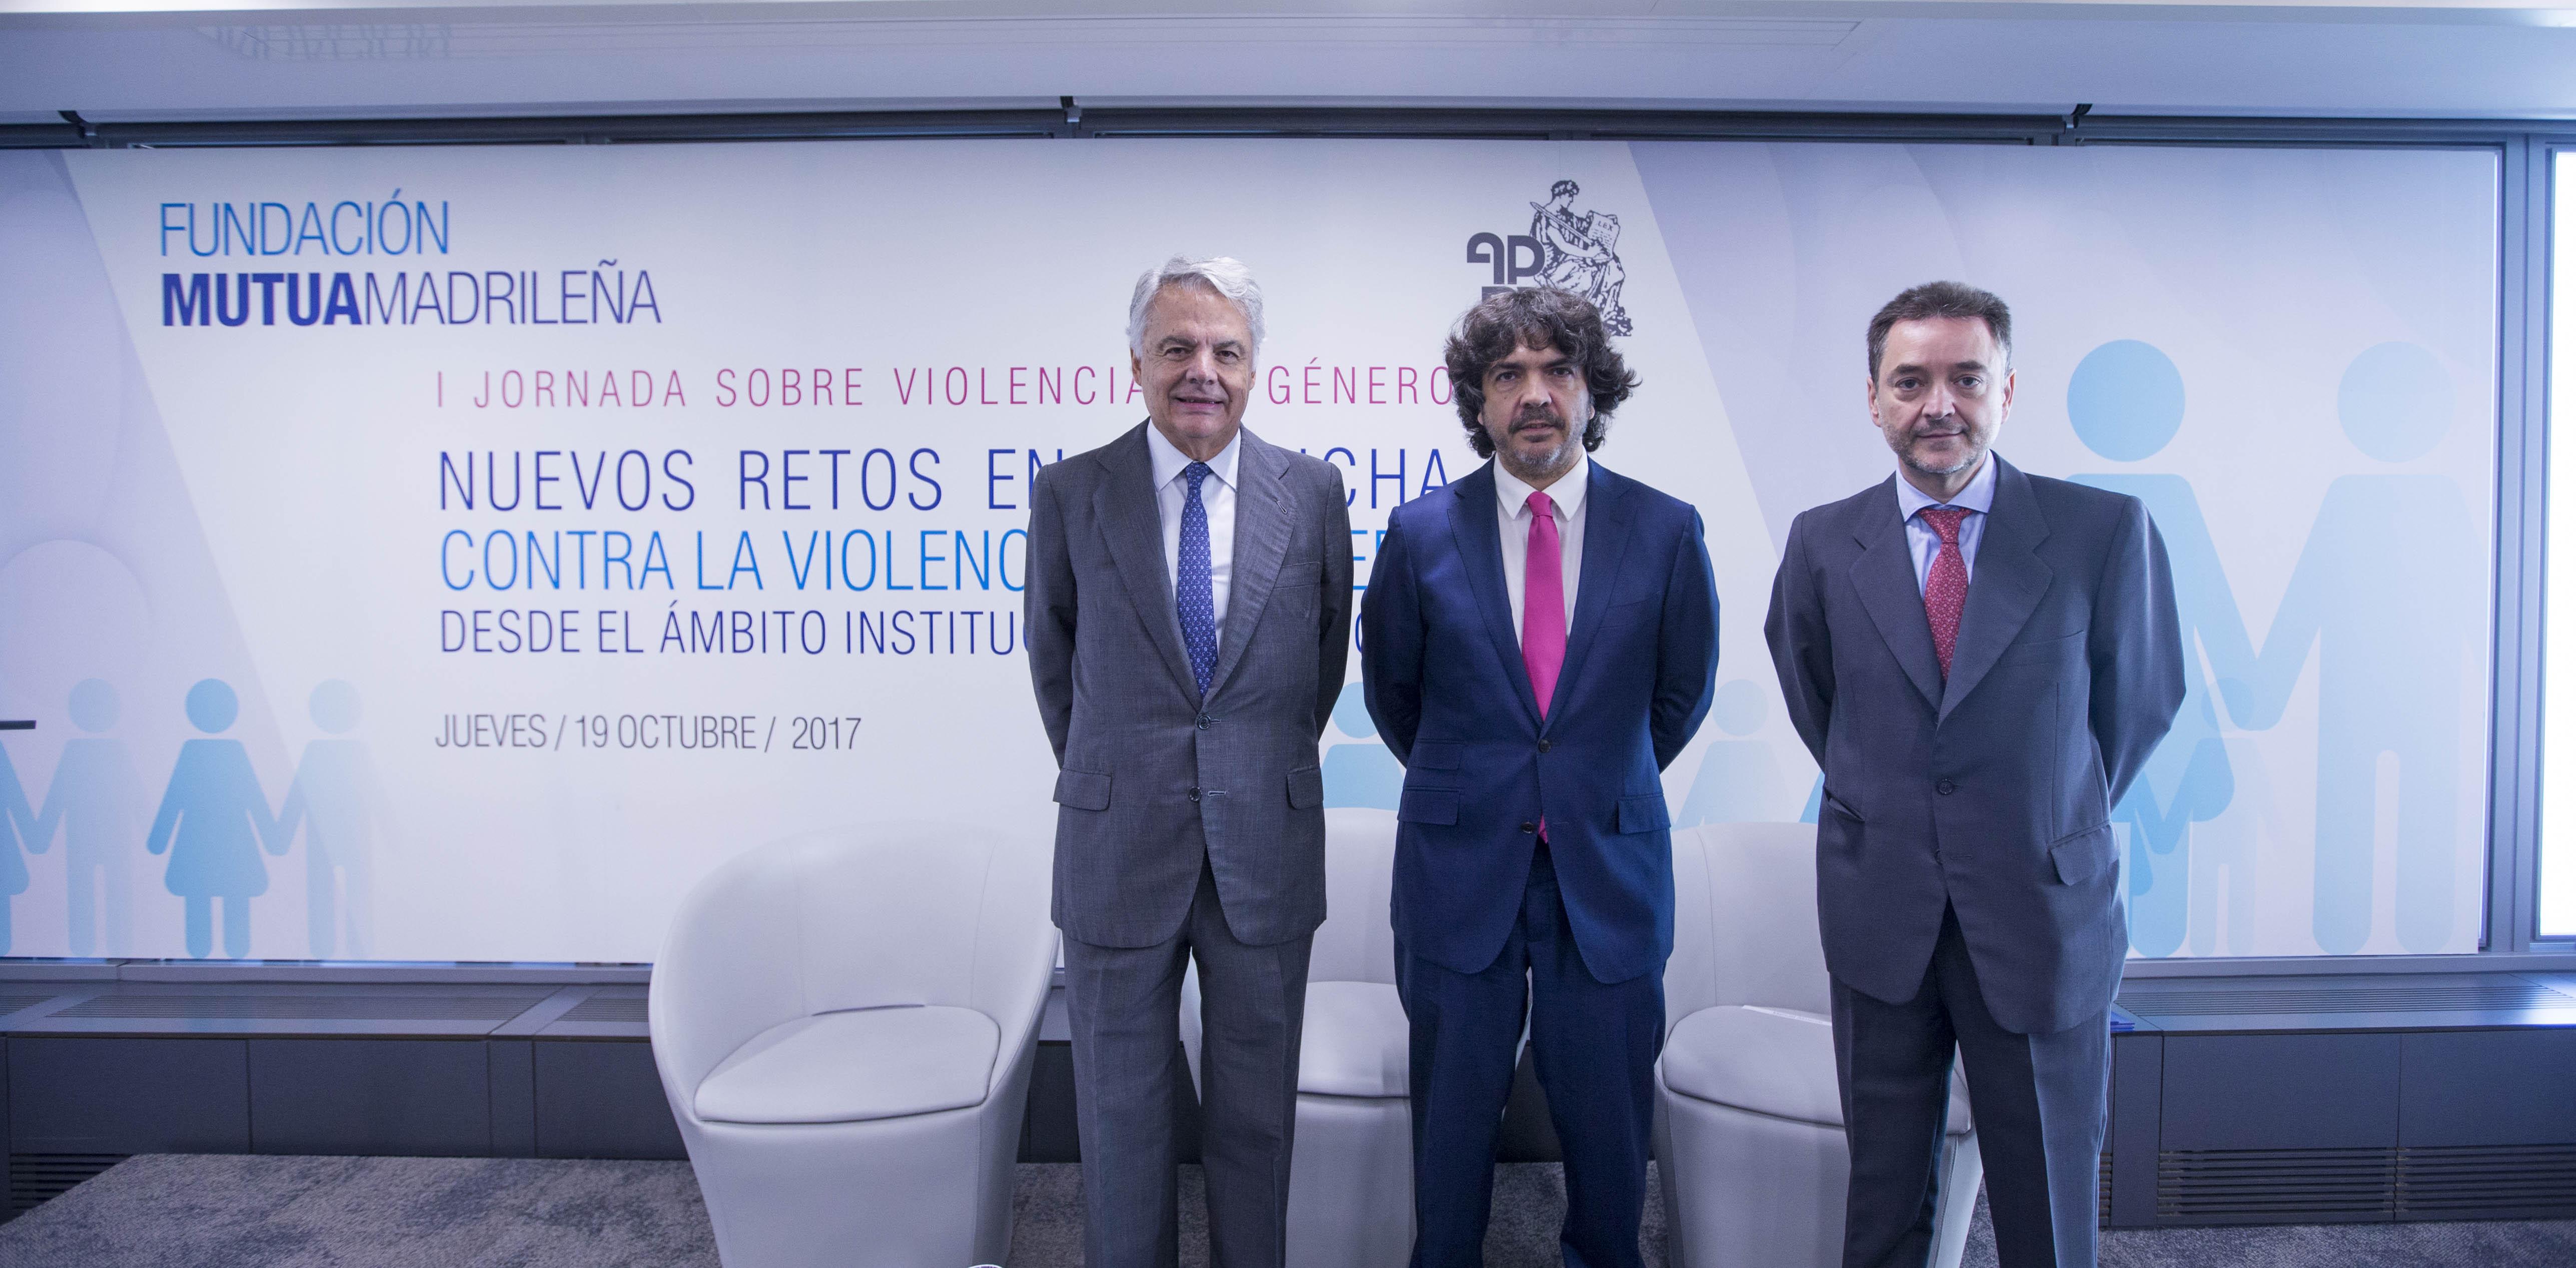 Fundación Mutua Madrileña avanza en su lucha contra la violencia de género